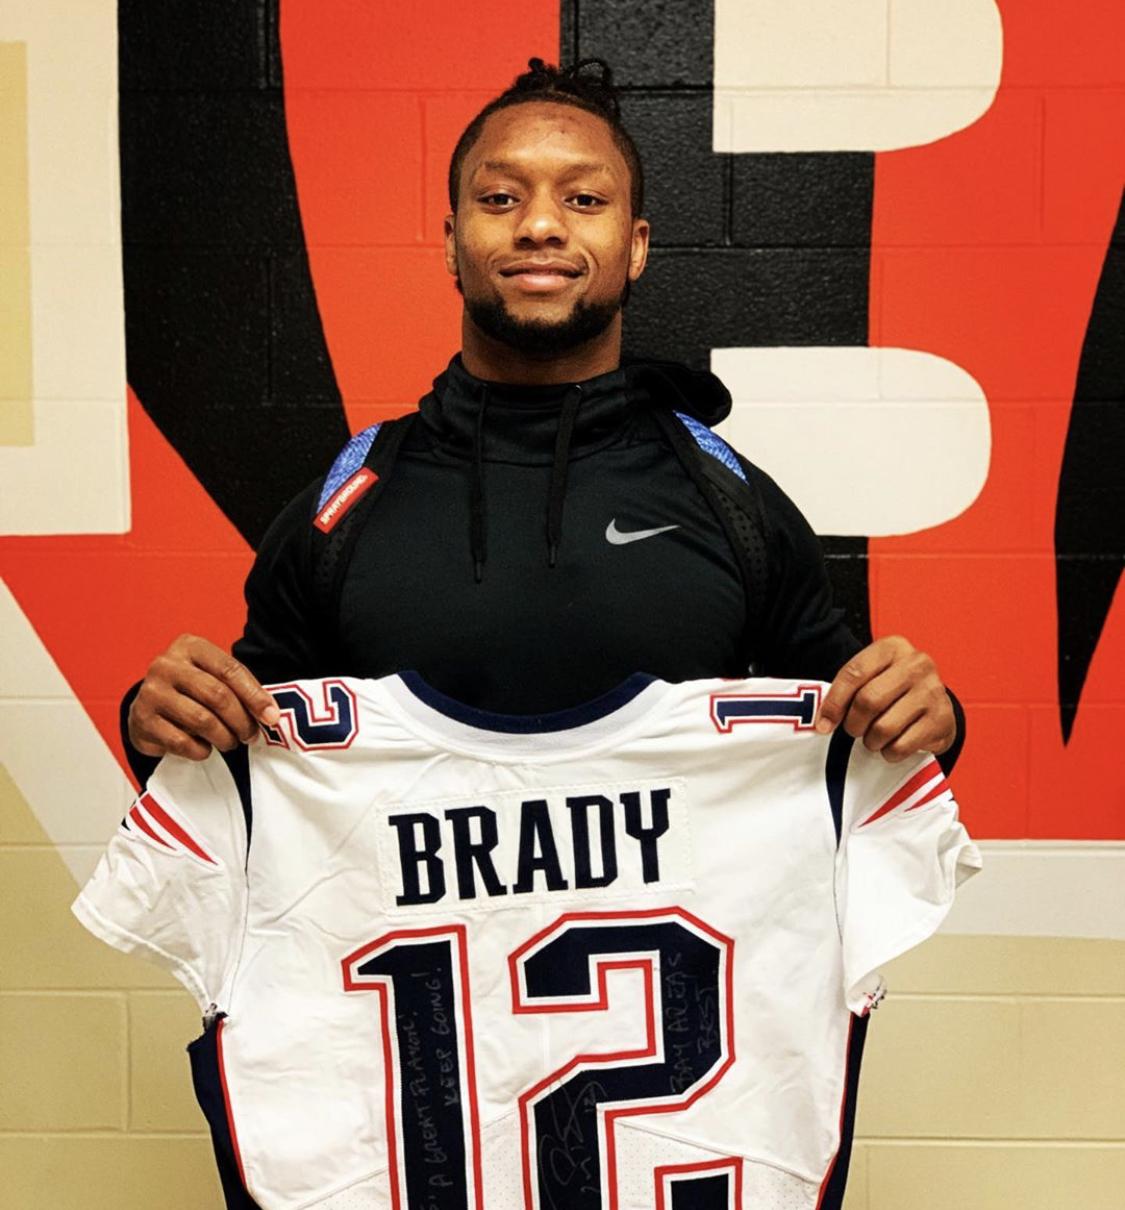 Patriots: Tom Brady sends Bengals' Joe Mixon signed jersey